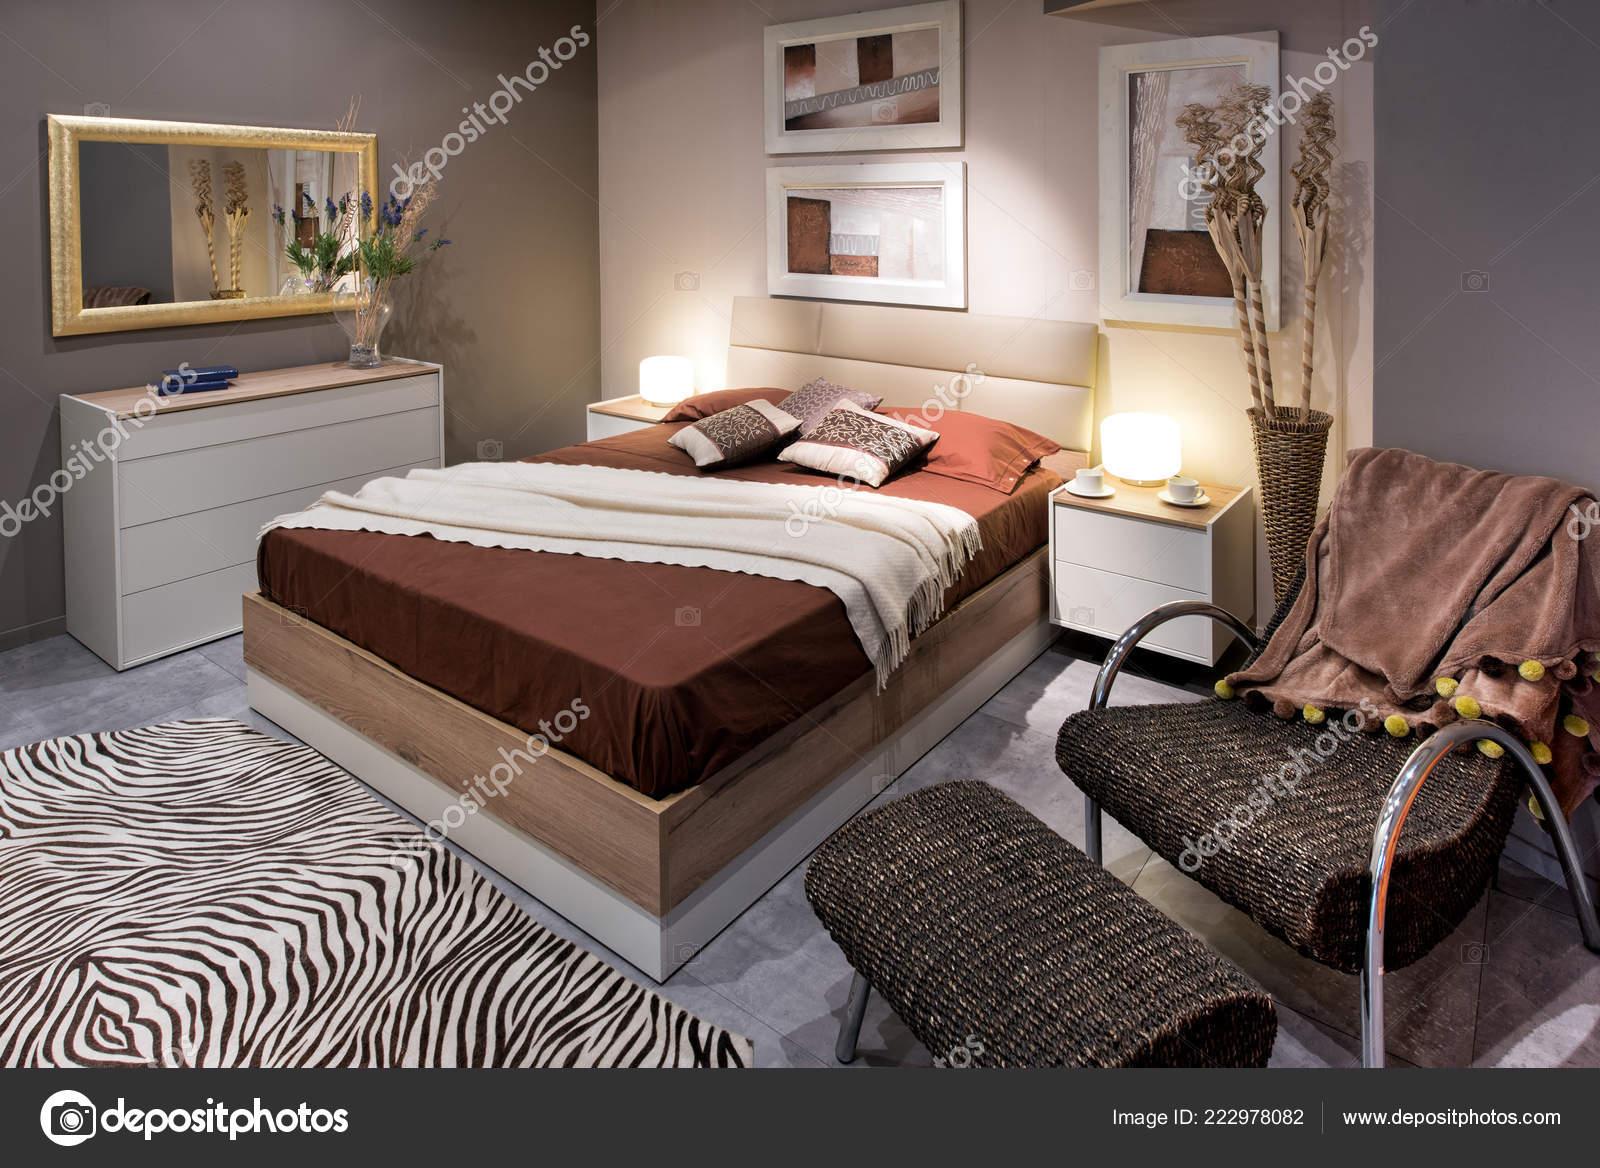 dubbele slaapkamer design concept met bruin persoonshoogslaper en comfortabele fauteuil met ottomaanse zebra tapijt op de vloer en schilderijen aan de muur